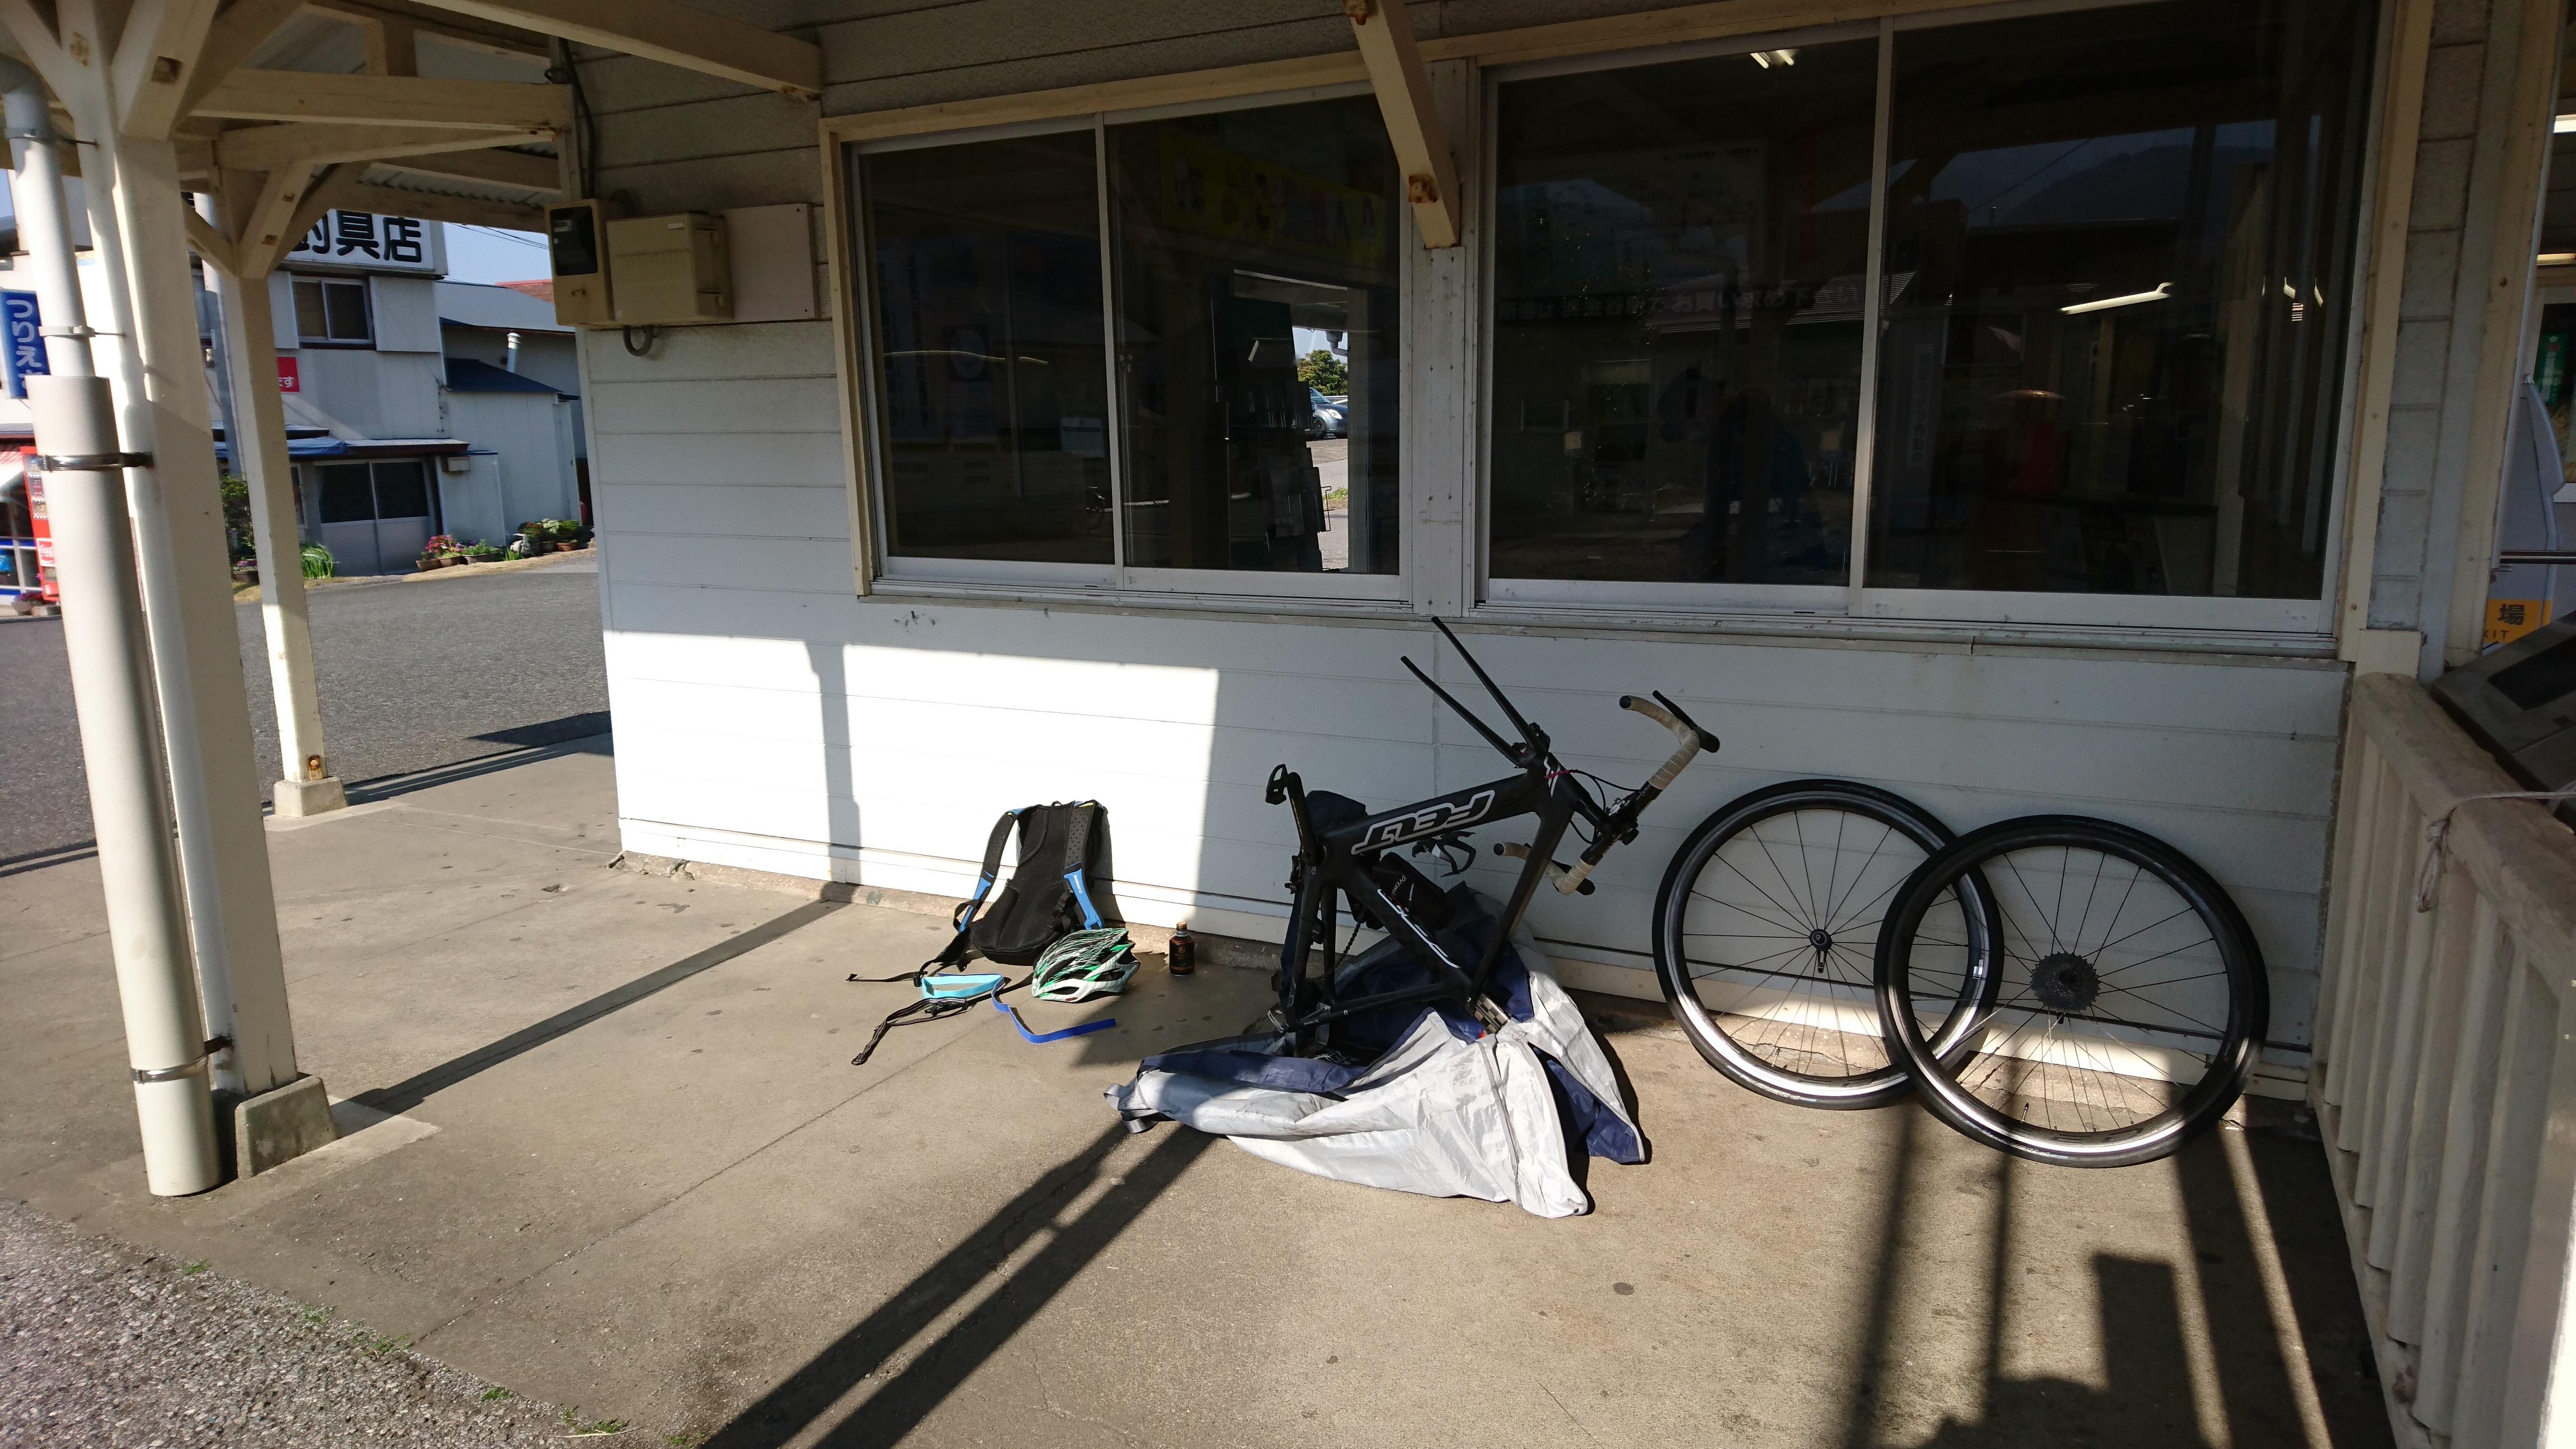 ビギナー向け輪行サイクリングin三崎の下見に行って来ました